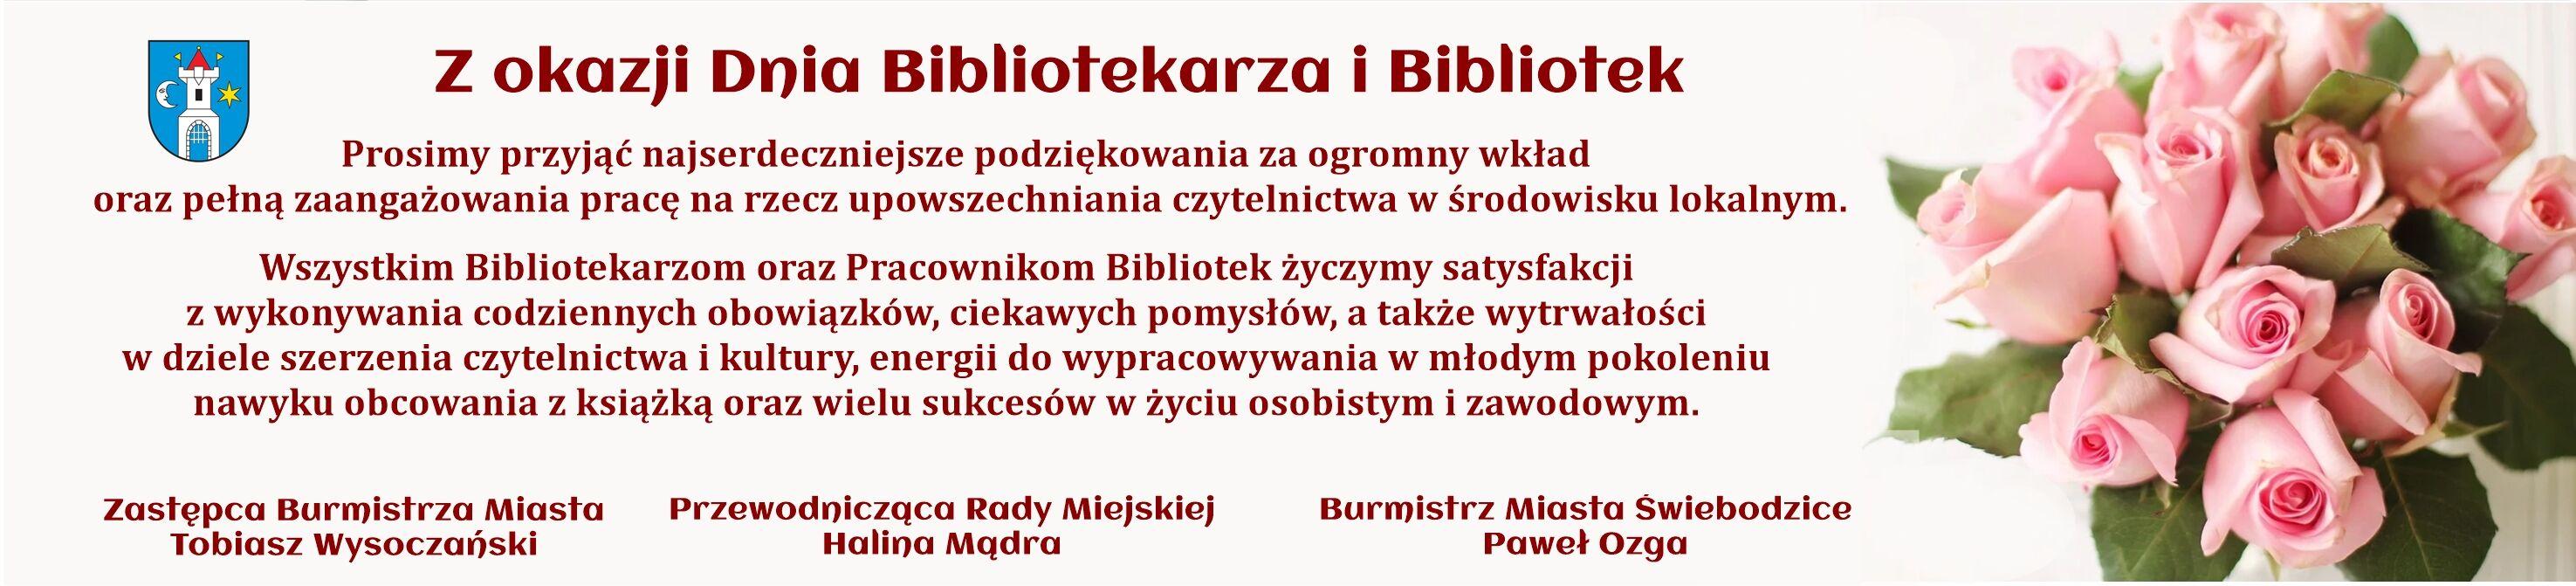 baner poziomy z życzeniami z okazji Dnia Bibliotekarz i Bibliotek